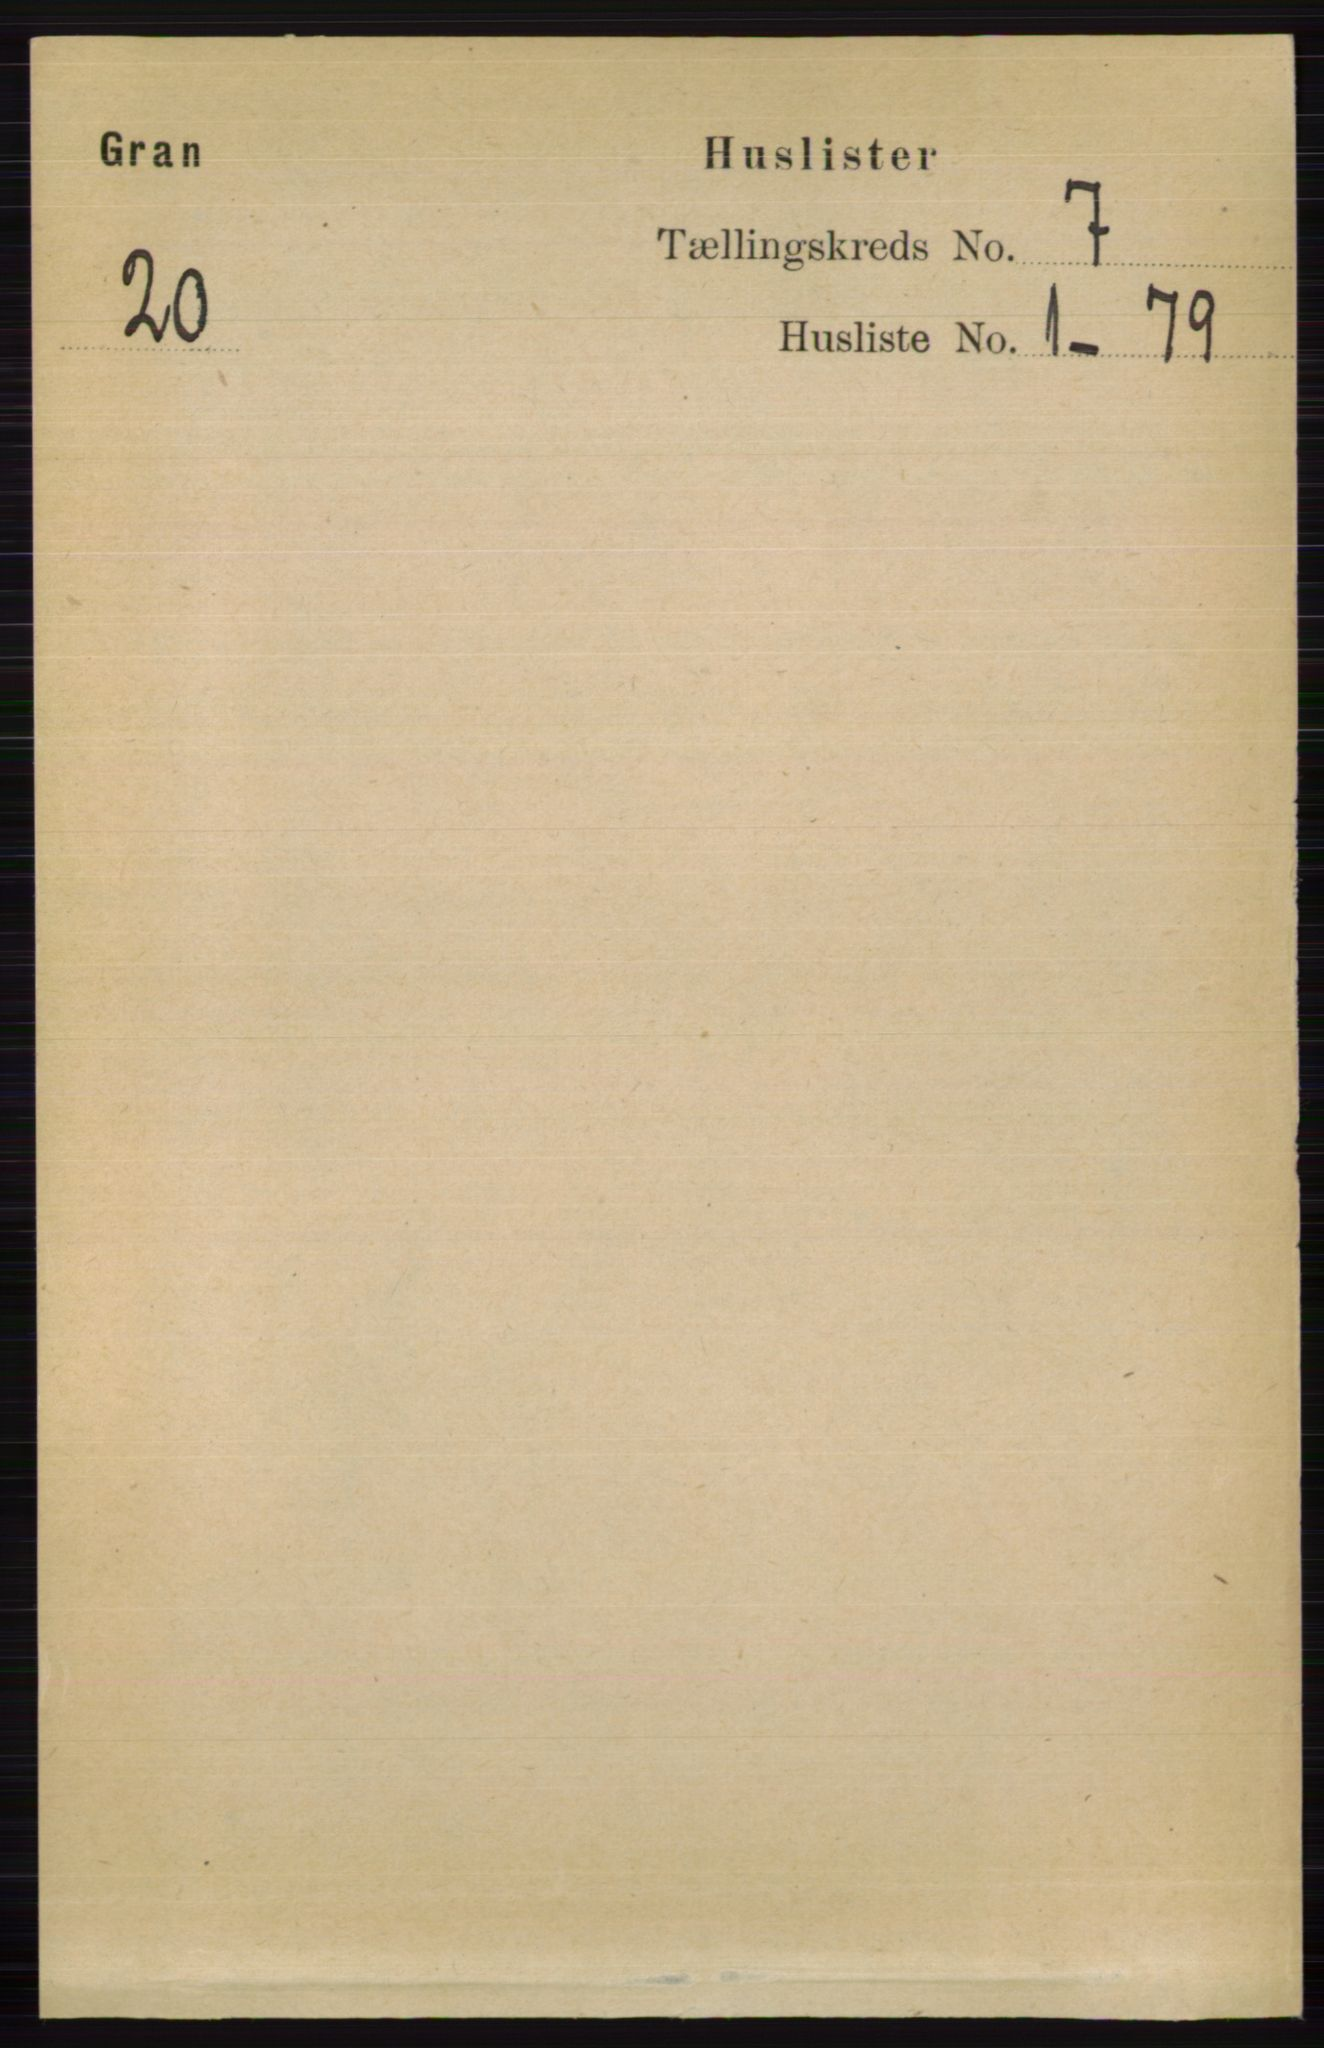 RA, Folketelling 1891 for 0534 Gran herred, 1891, s. 2714